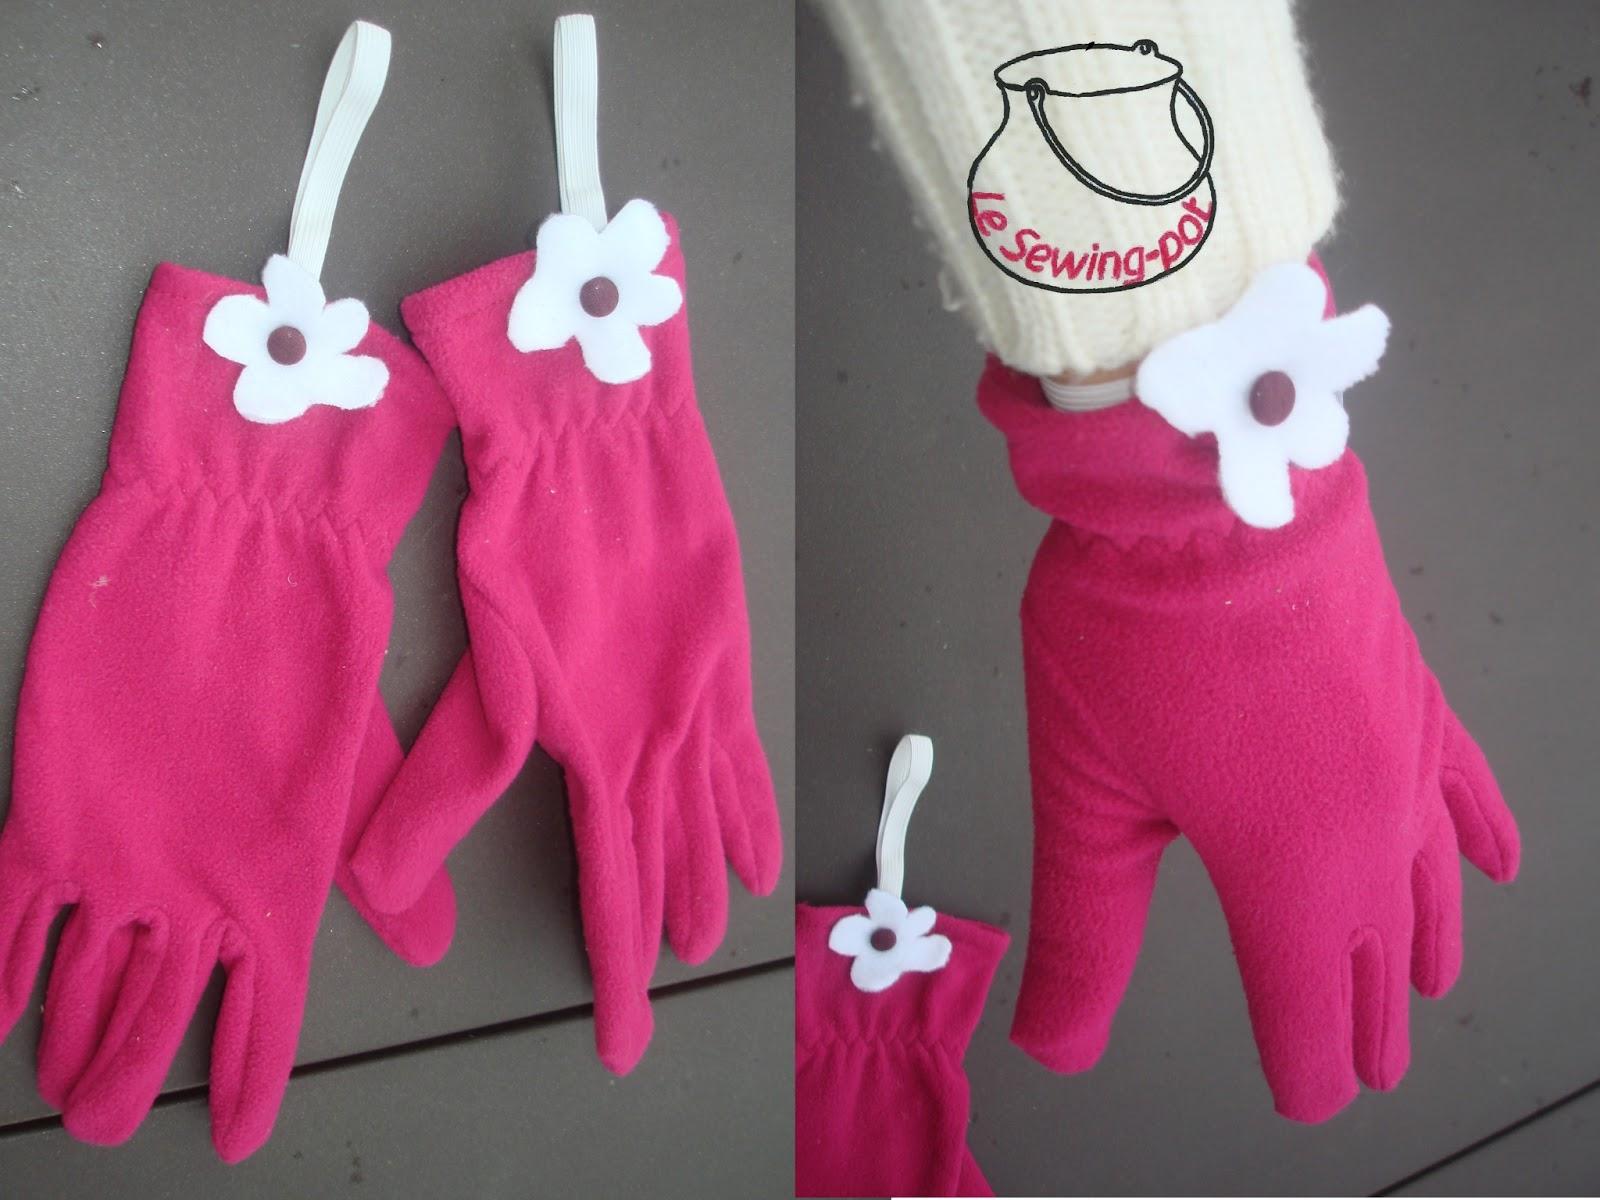 gants tenir elastique elastic gloves hold